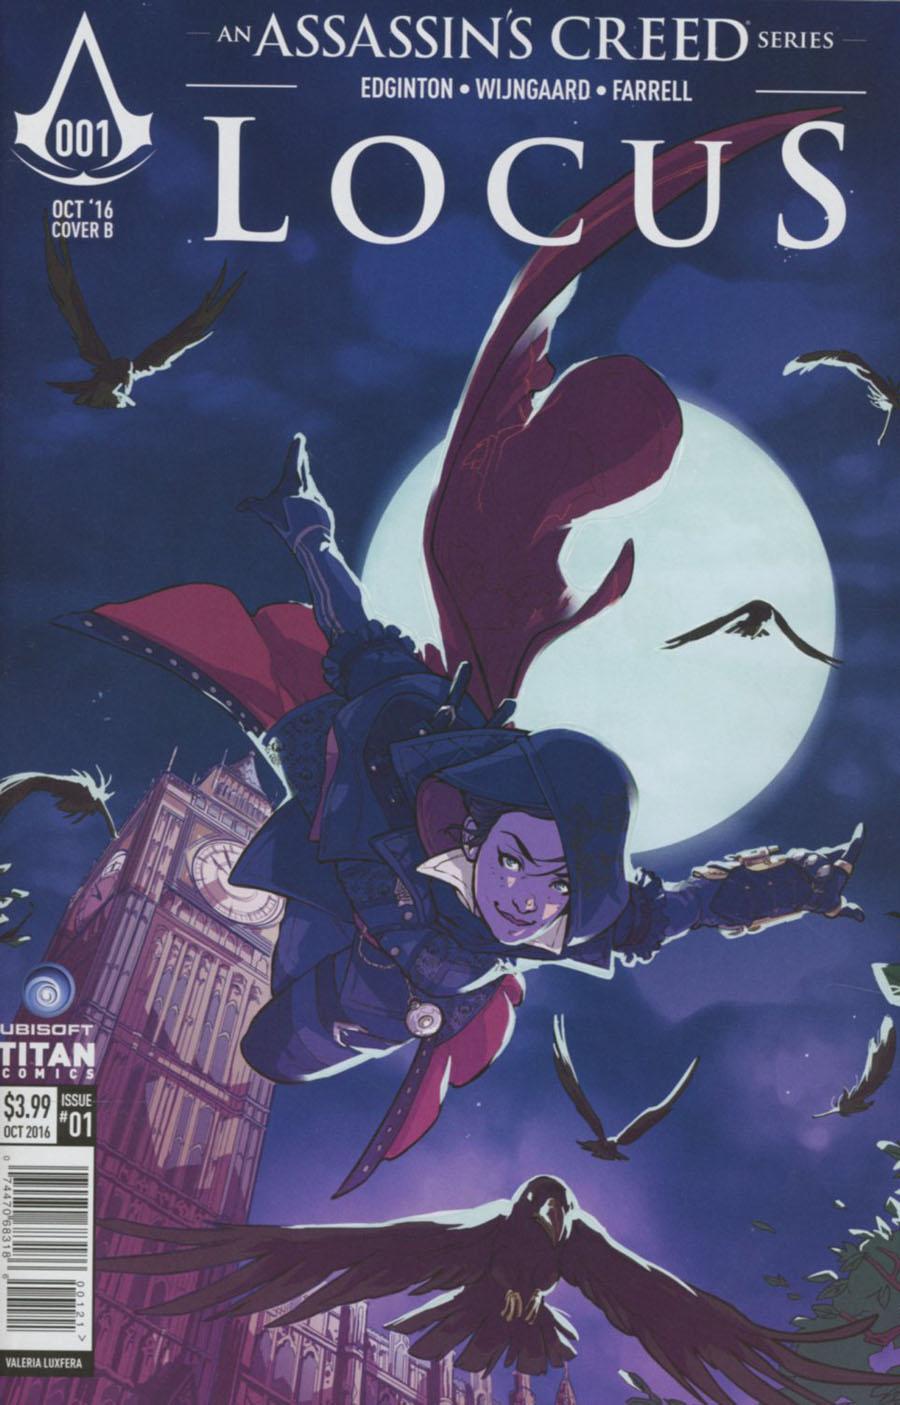 Assassins Creed Locus #1 Cover B Variant Valeria Favoccia Cover